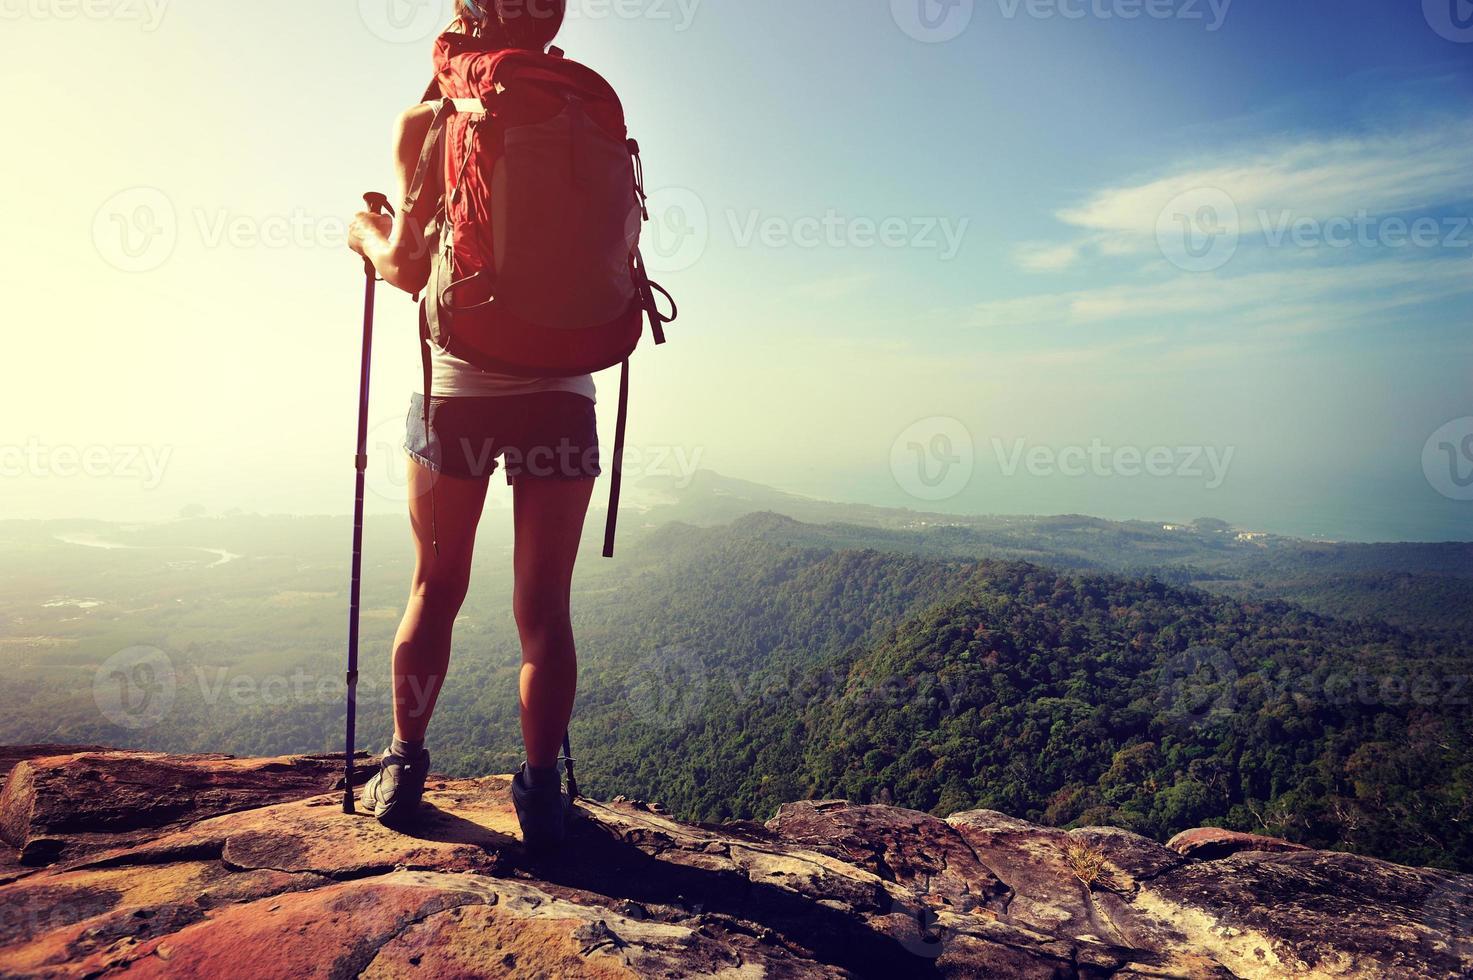 la viandante della donna gode della vista alla scogliera del picco di montagna foto